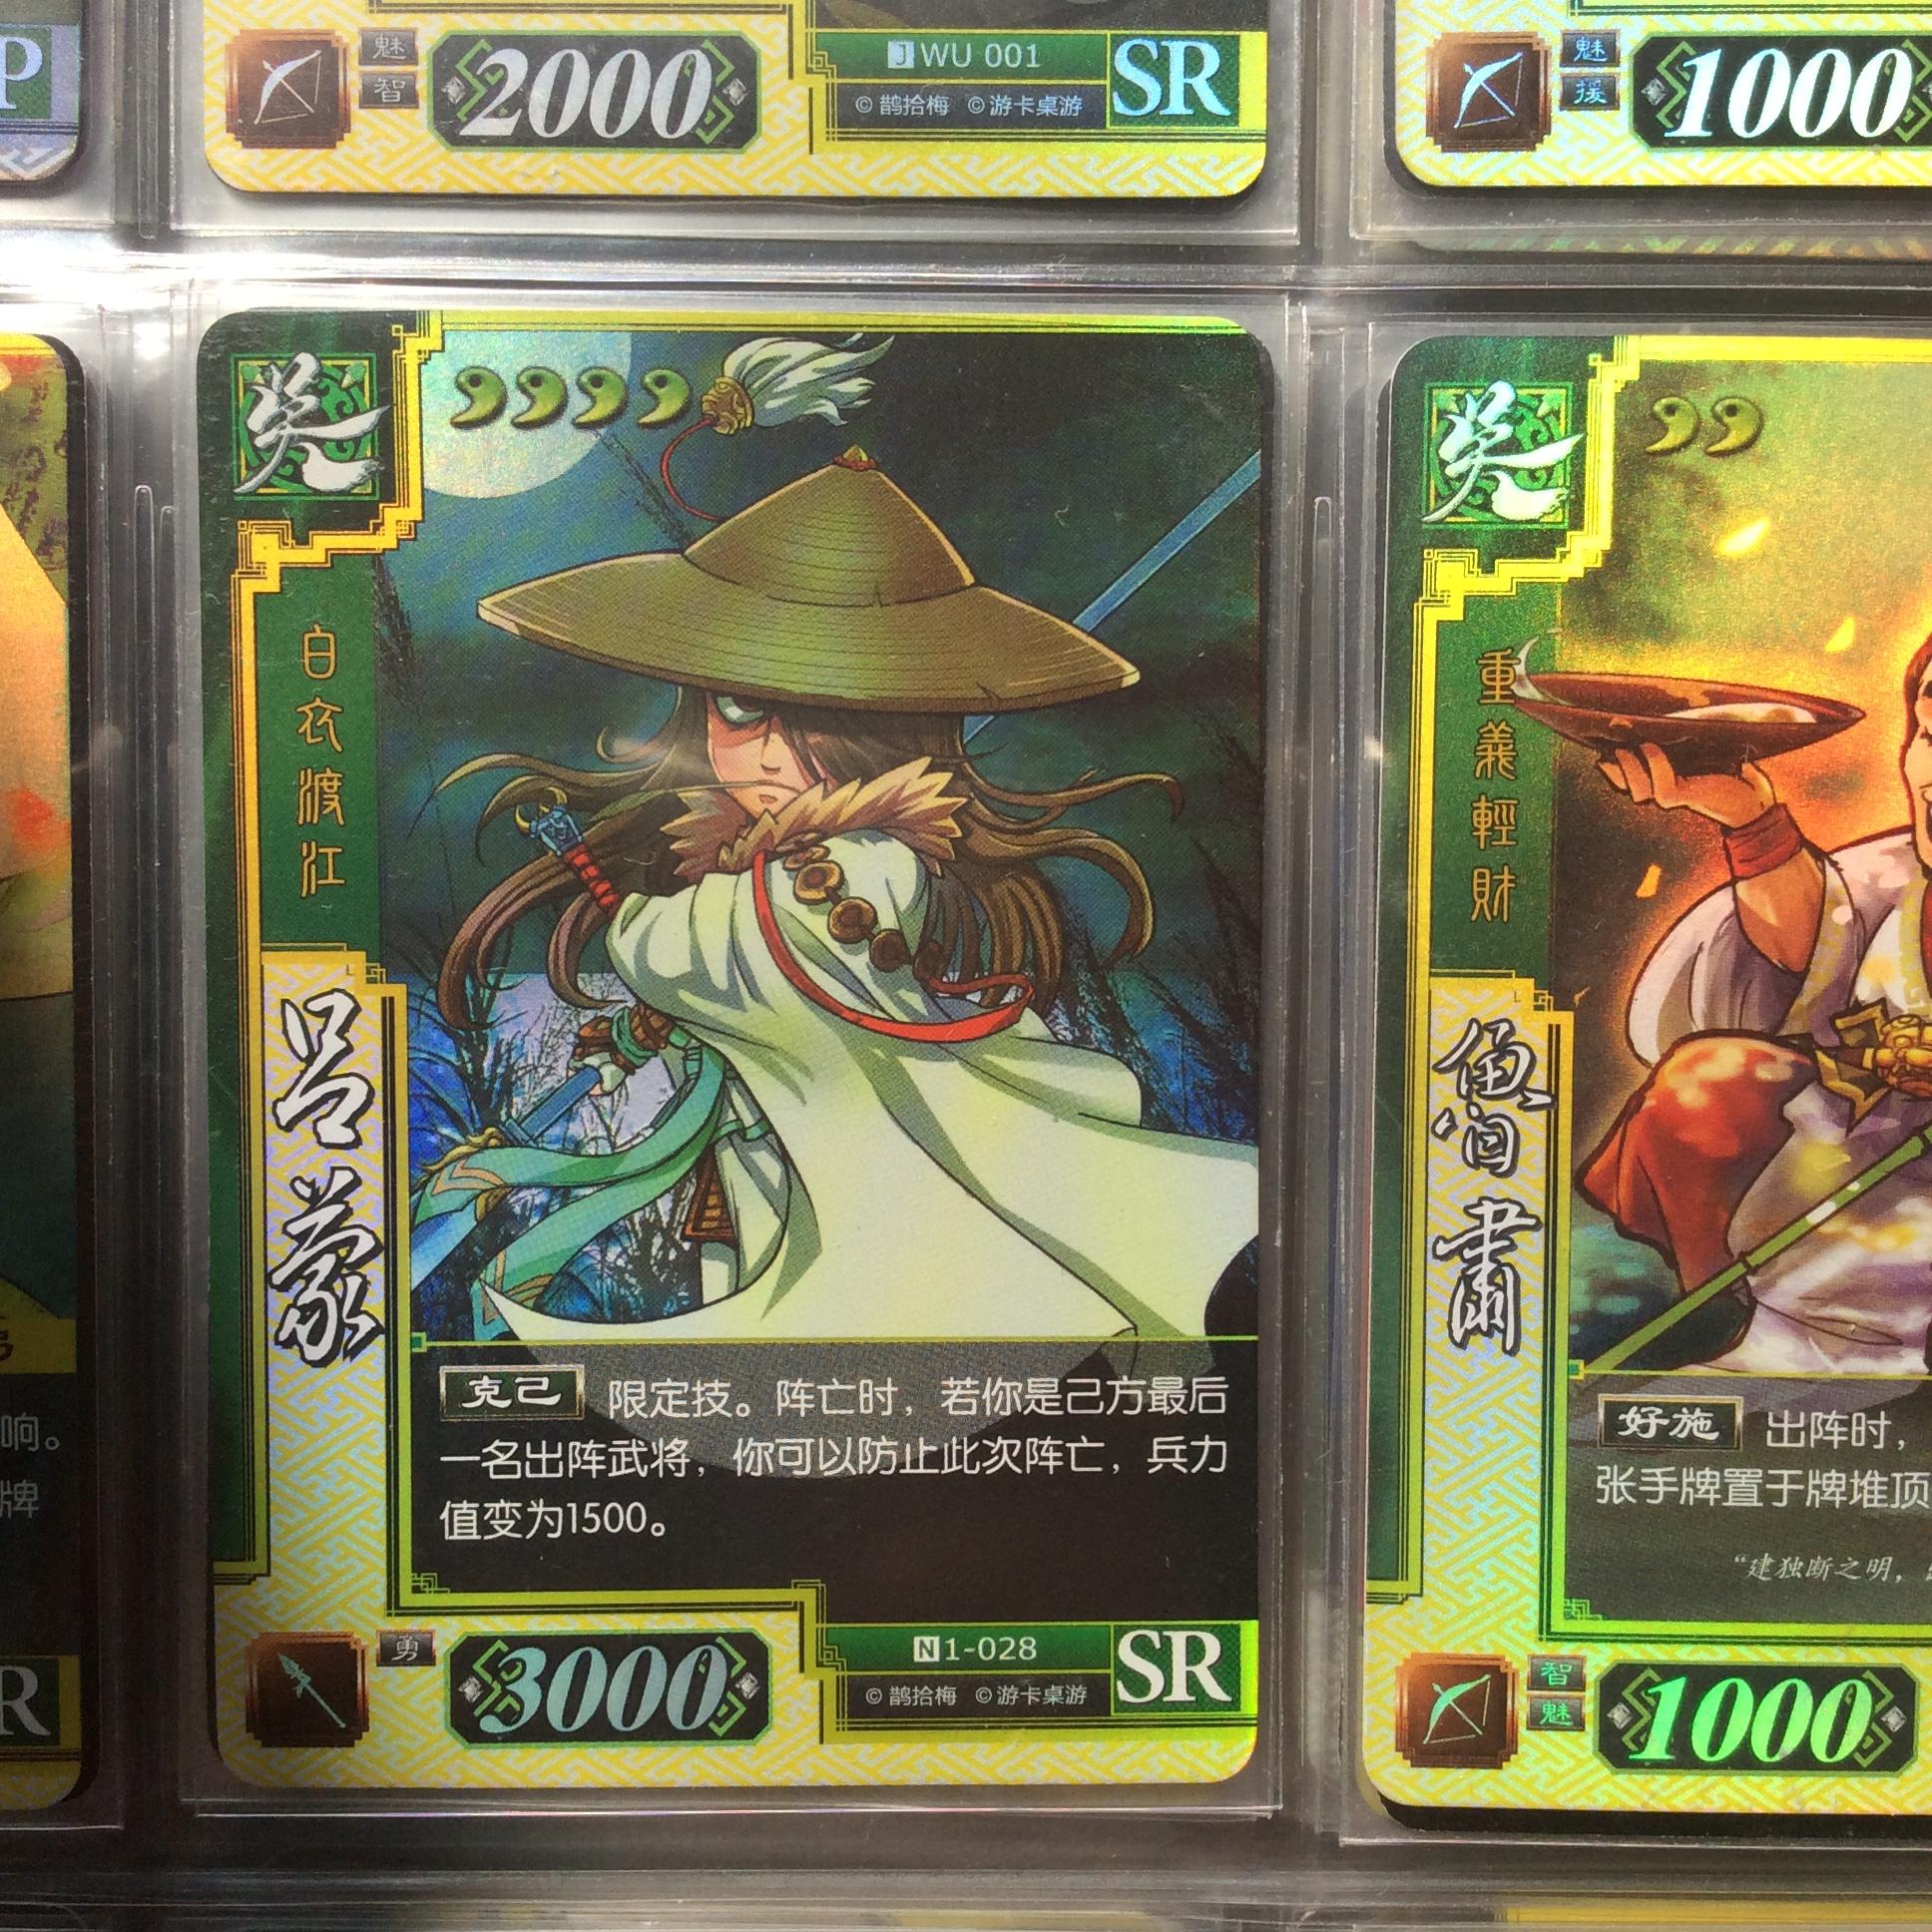 【带乐桌游】现货三国杀对战卡TCG 第一弹SR稀有闪卡吕蒙正版单卡